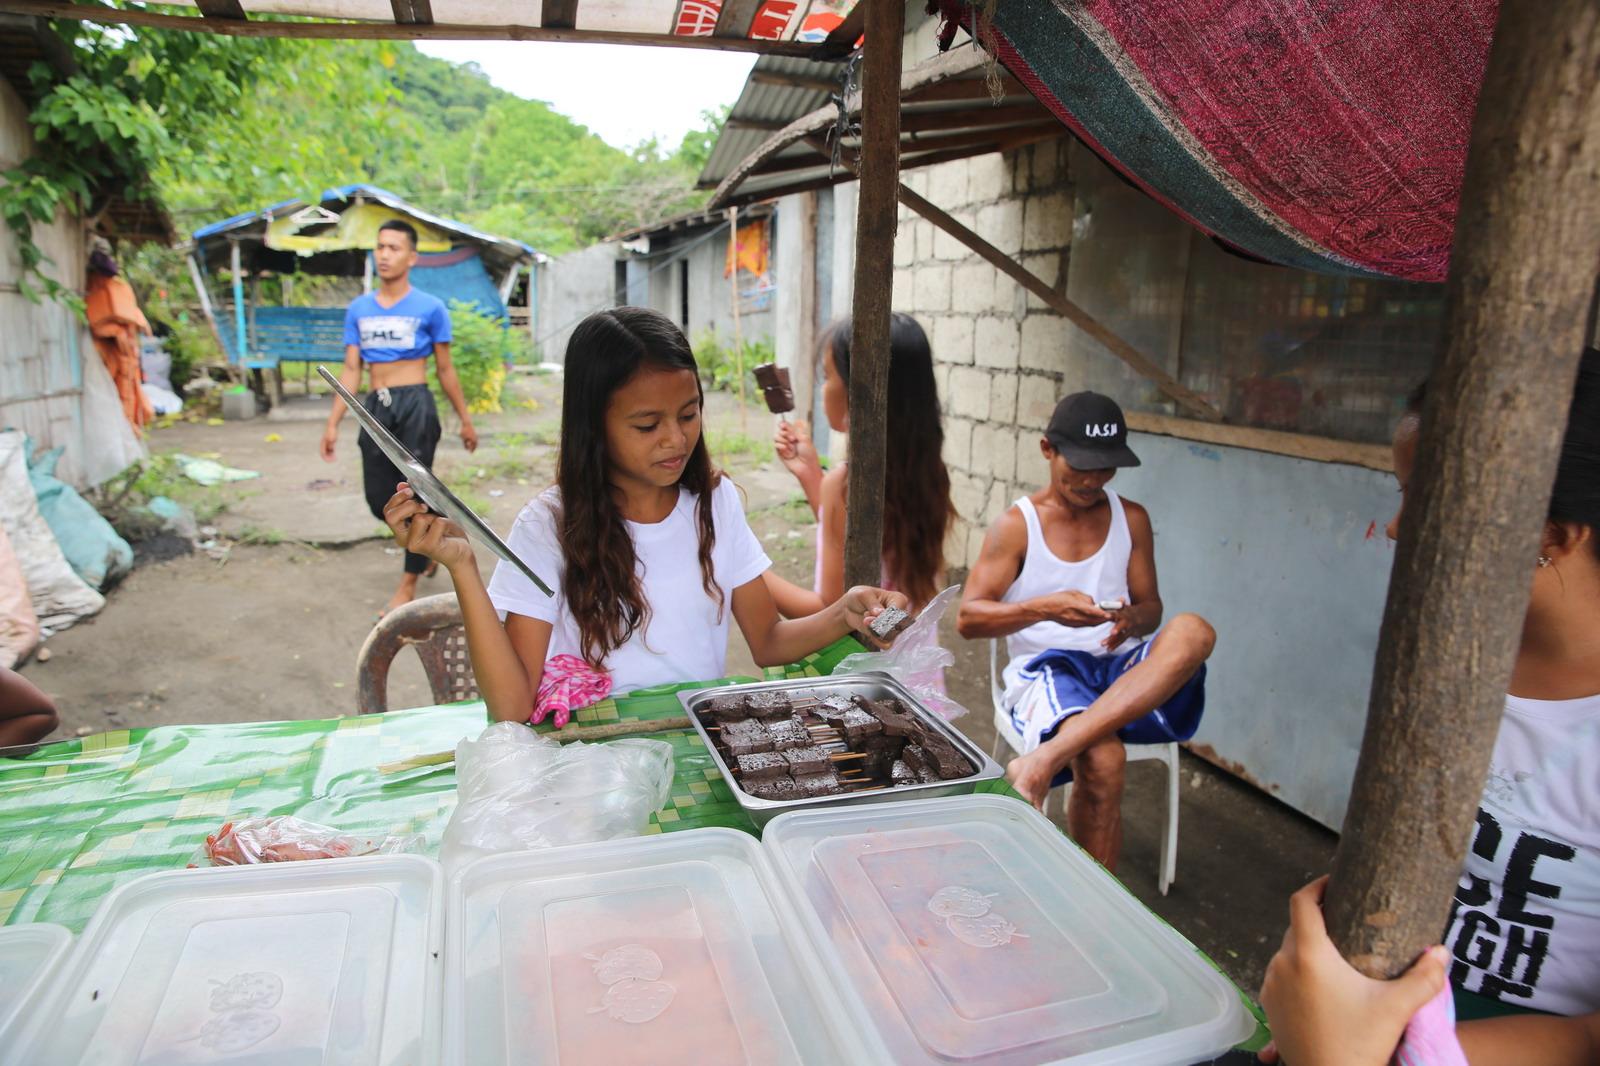 필리핀 음식문화 - 필리핀의 먹거리들 탐하기